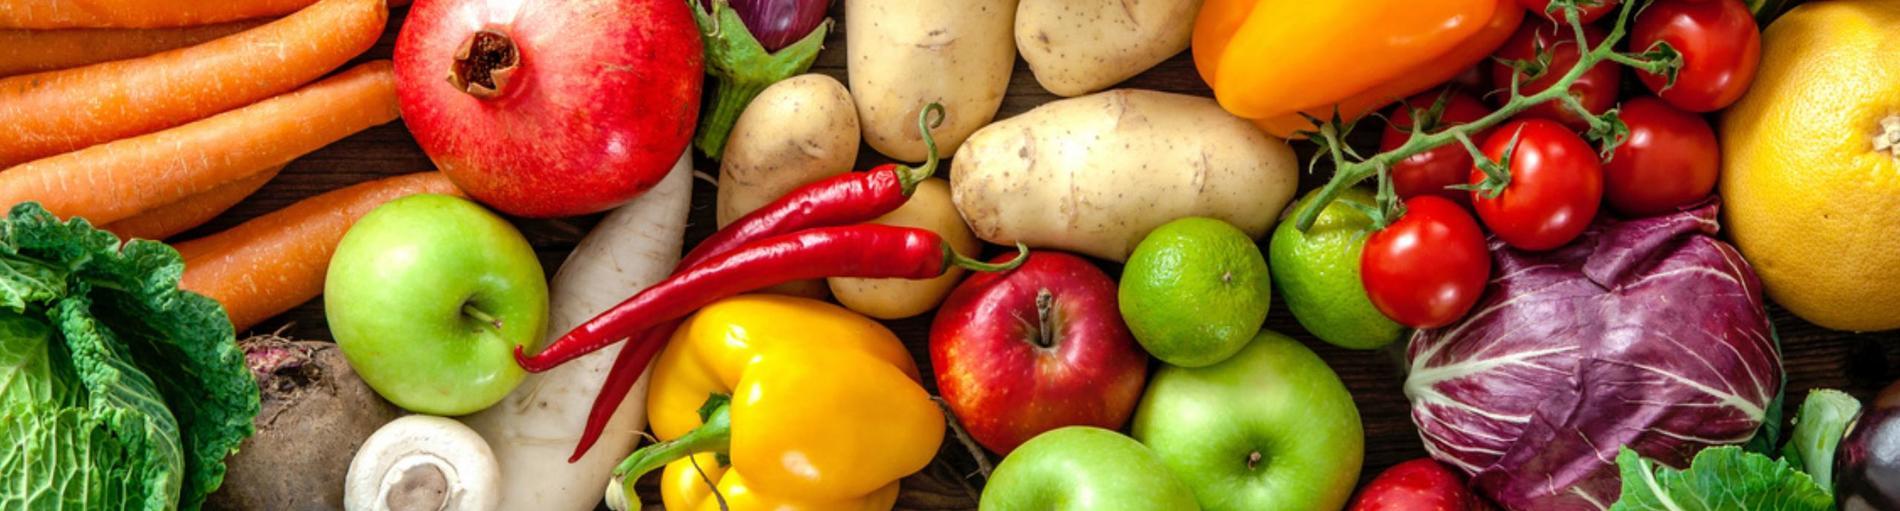 Bild mit vielen verschiedenen Gemüsesorten und der Aufschrift vegetarisch und vegan essen.